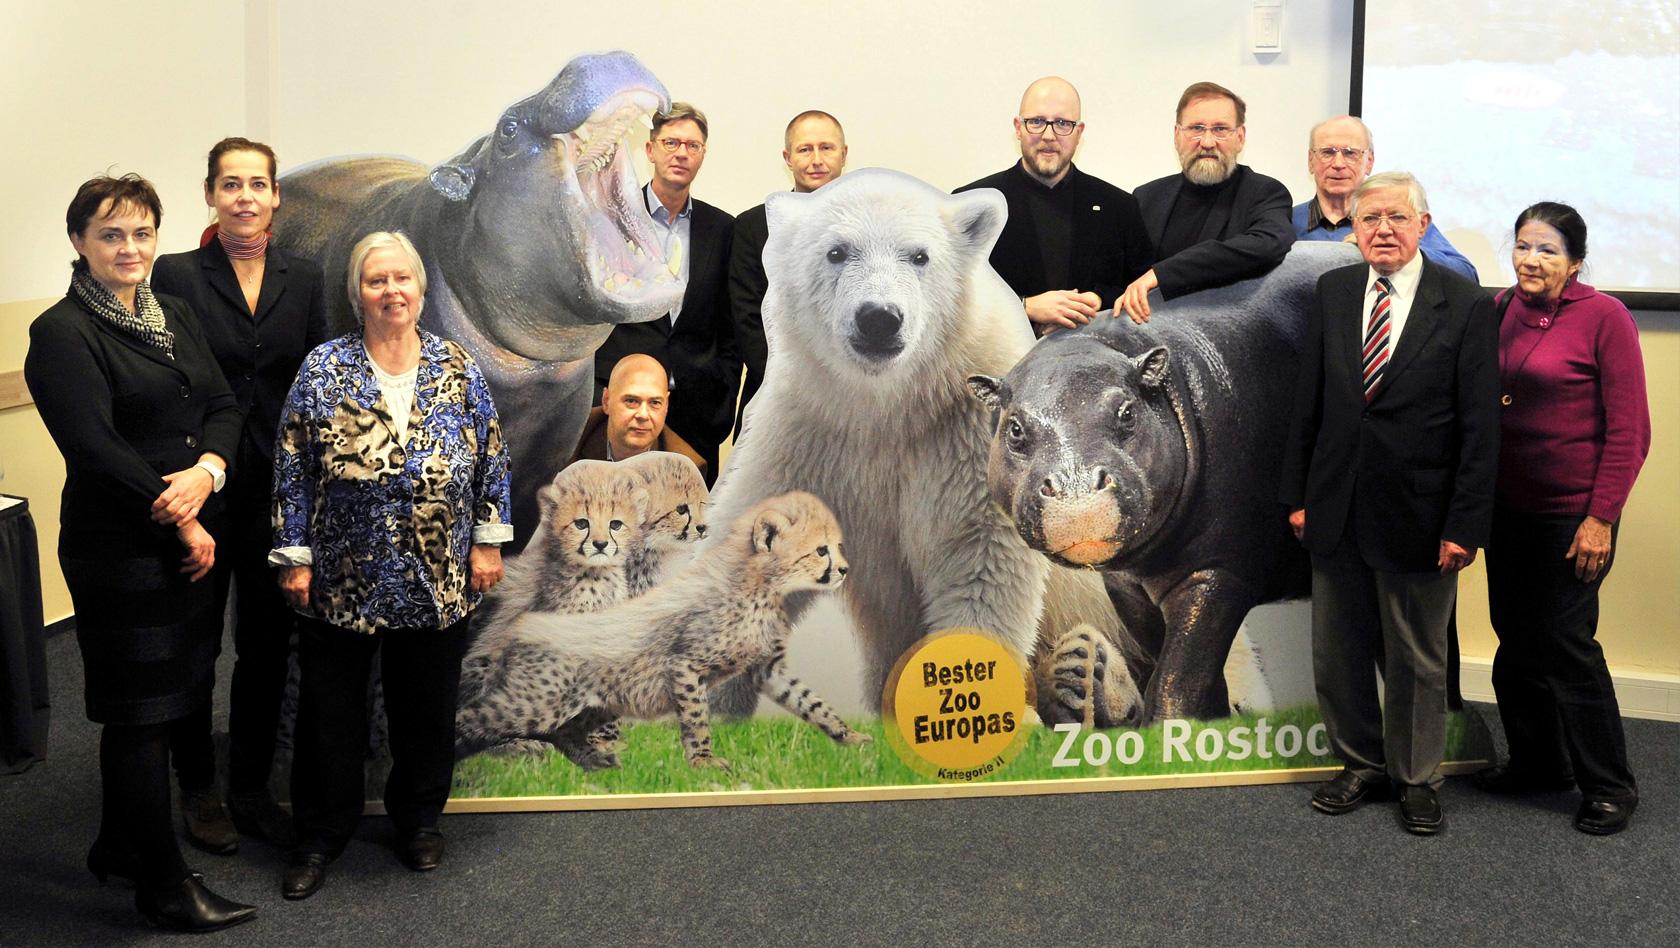 zoo rostock im jahr 2016 ausblick auf tierische neuigkeiten und polarium baustart. Black Bedroom Furniture Sets. Home Design Ideas